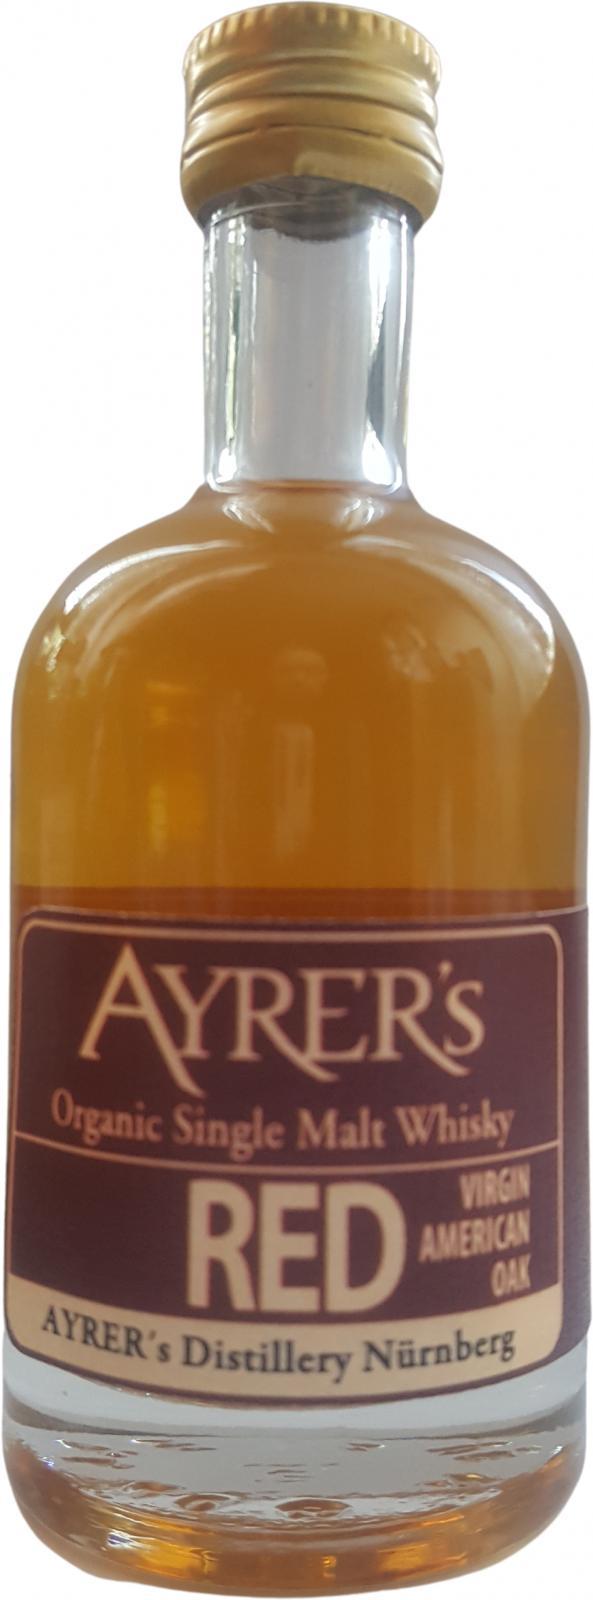 Ayrer's Red